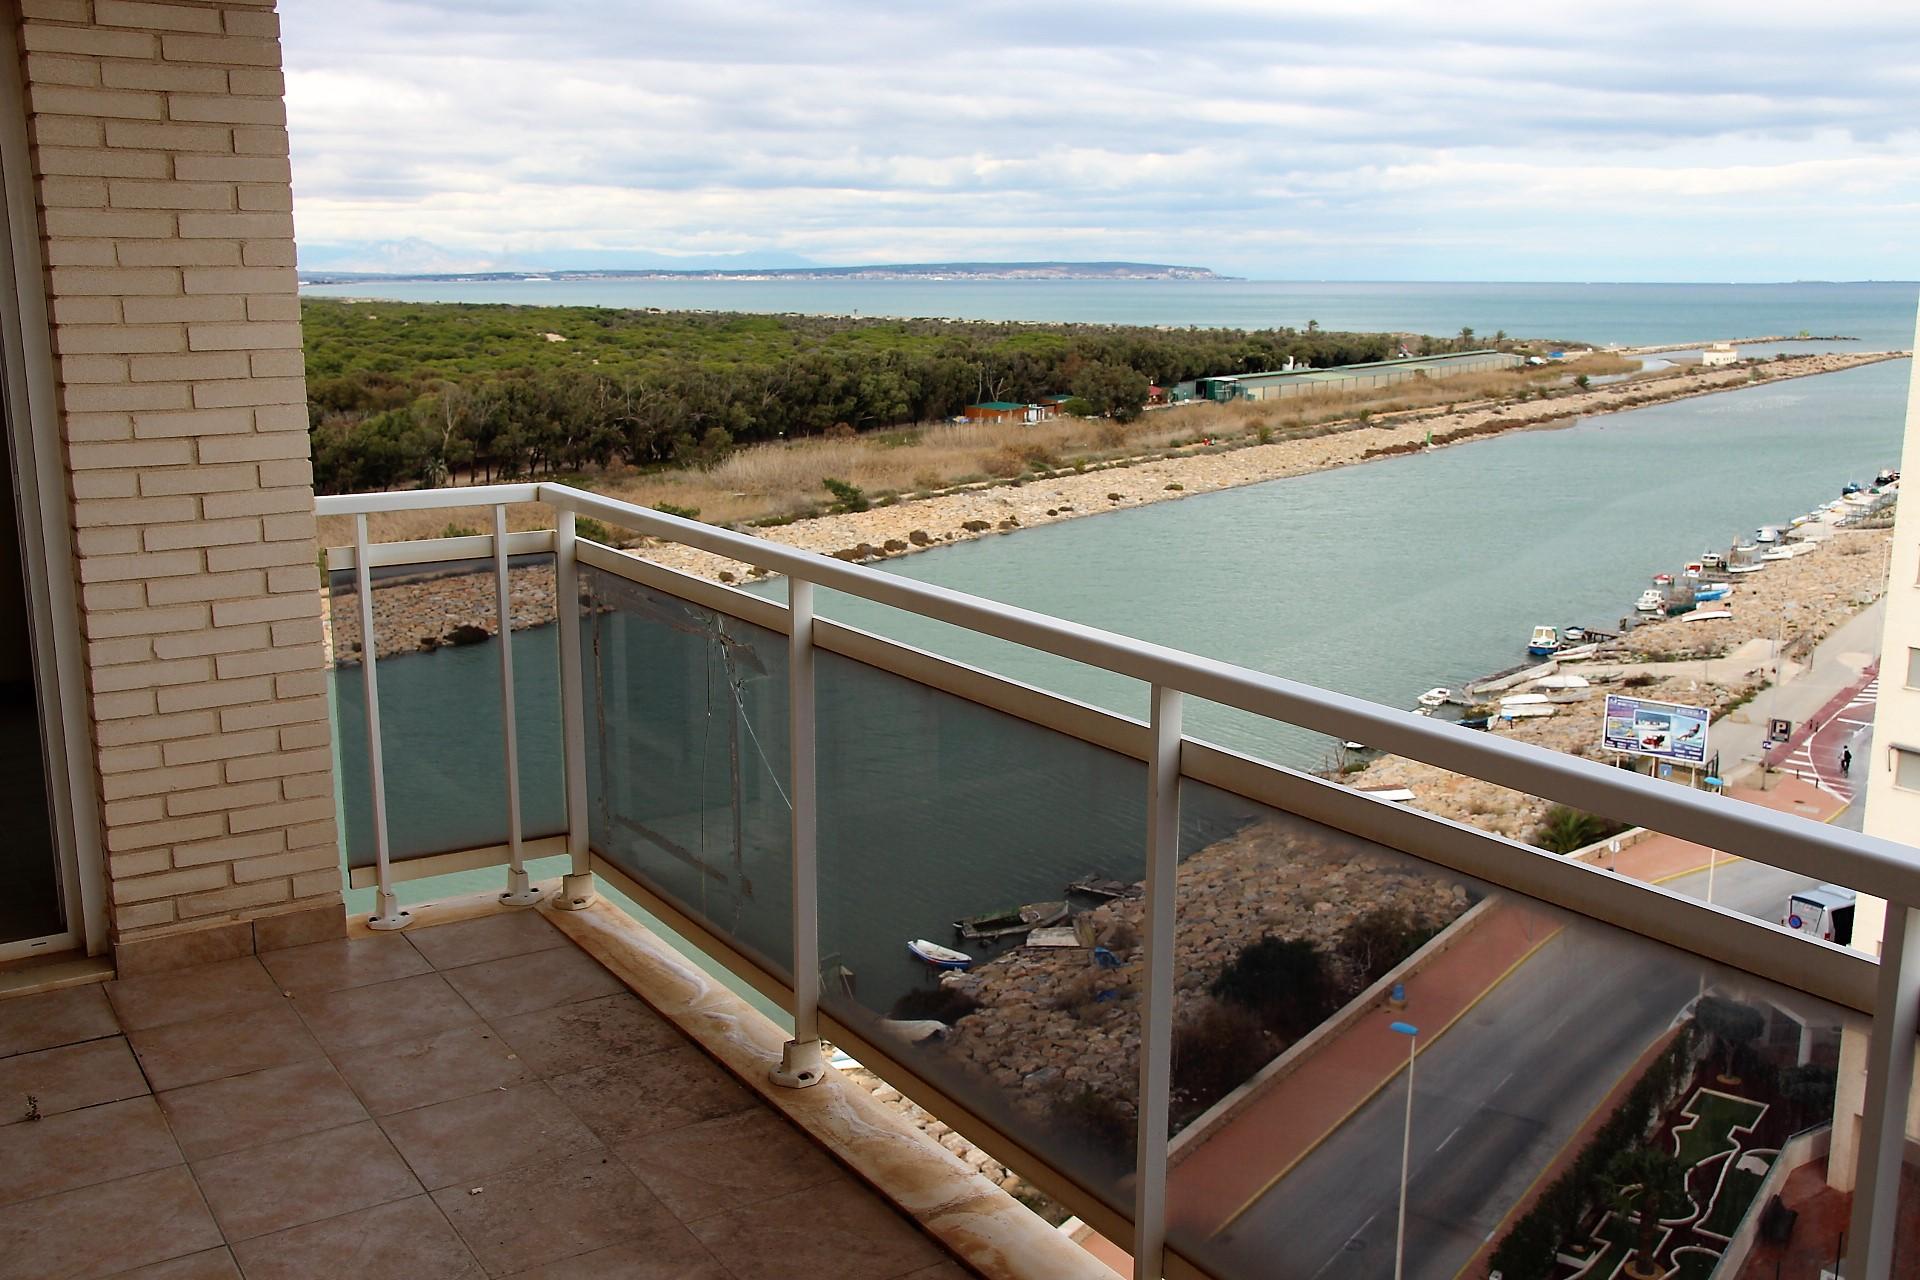 Пентхаус недалеко от порта Гвардамар дель Сегура, Alicante,Spain